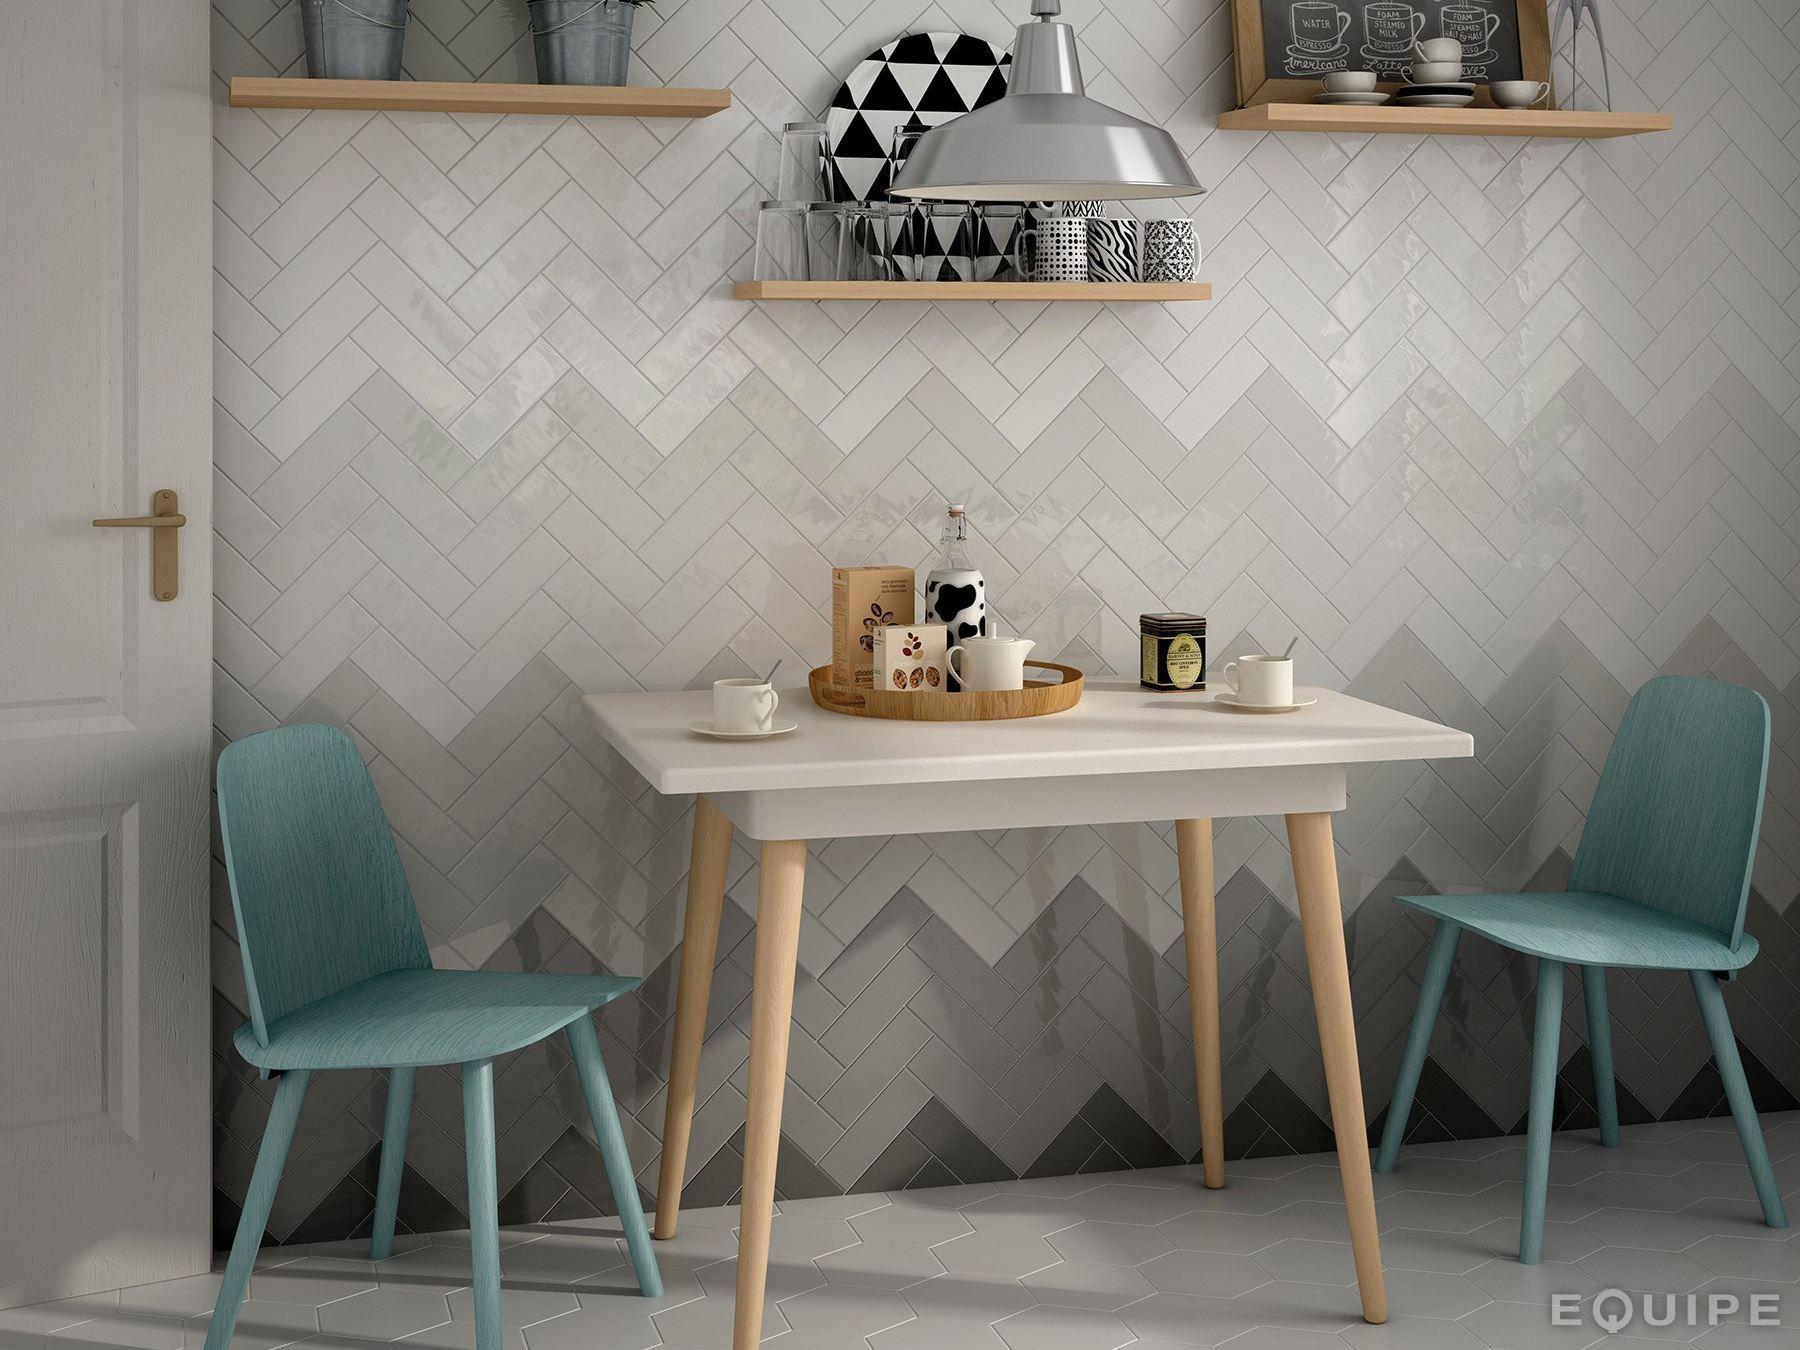 Country wall tiles by equipe ceramicas - Equipe ceramicas ...